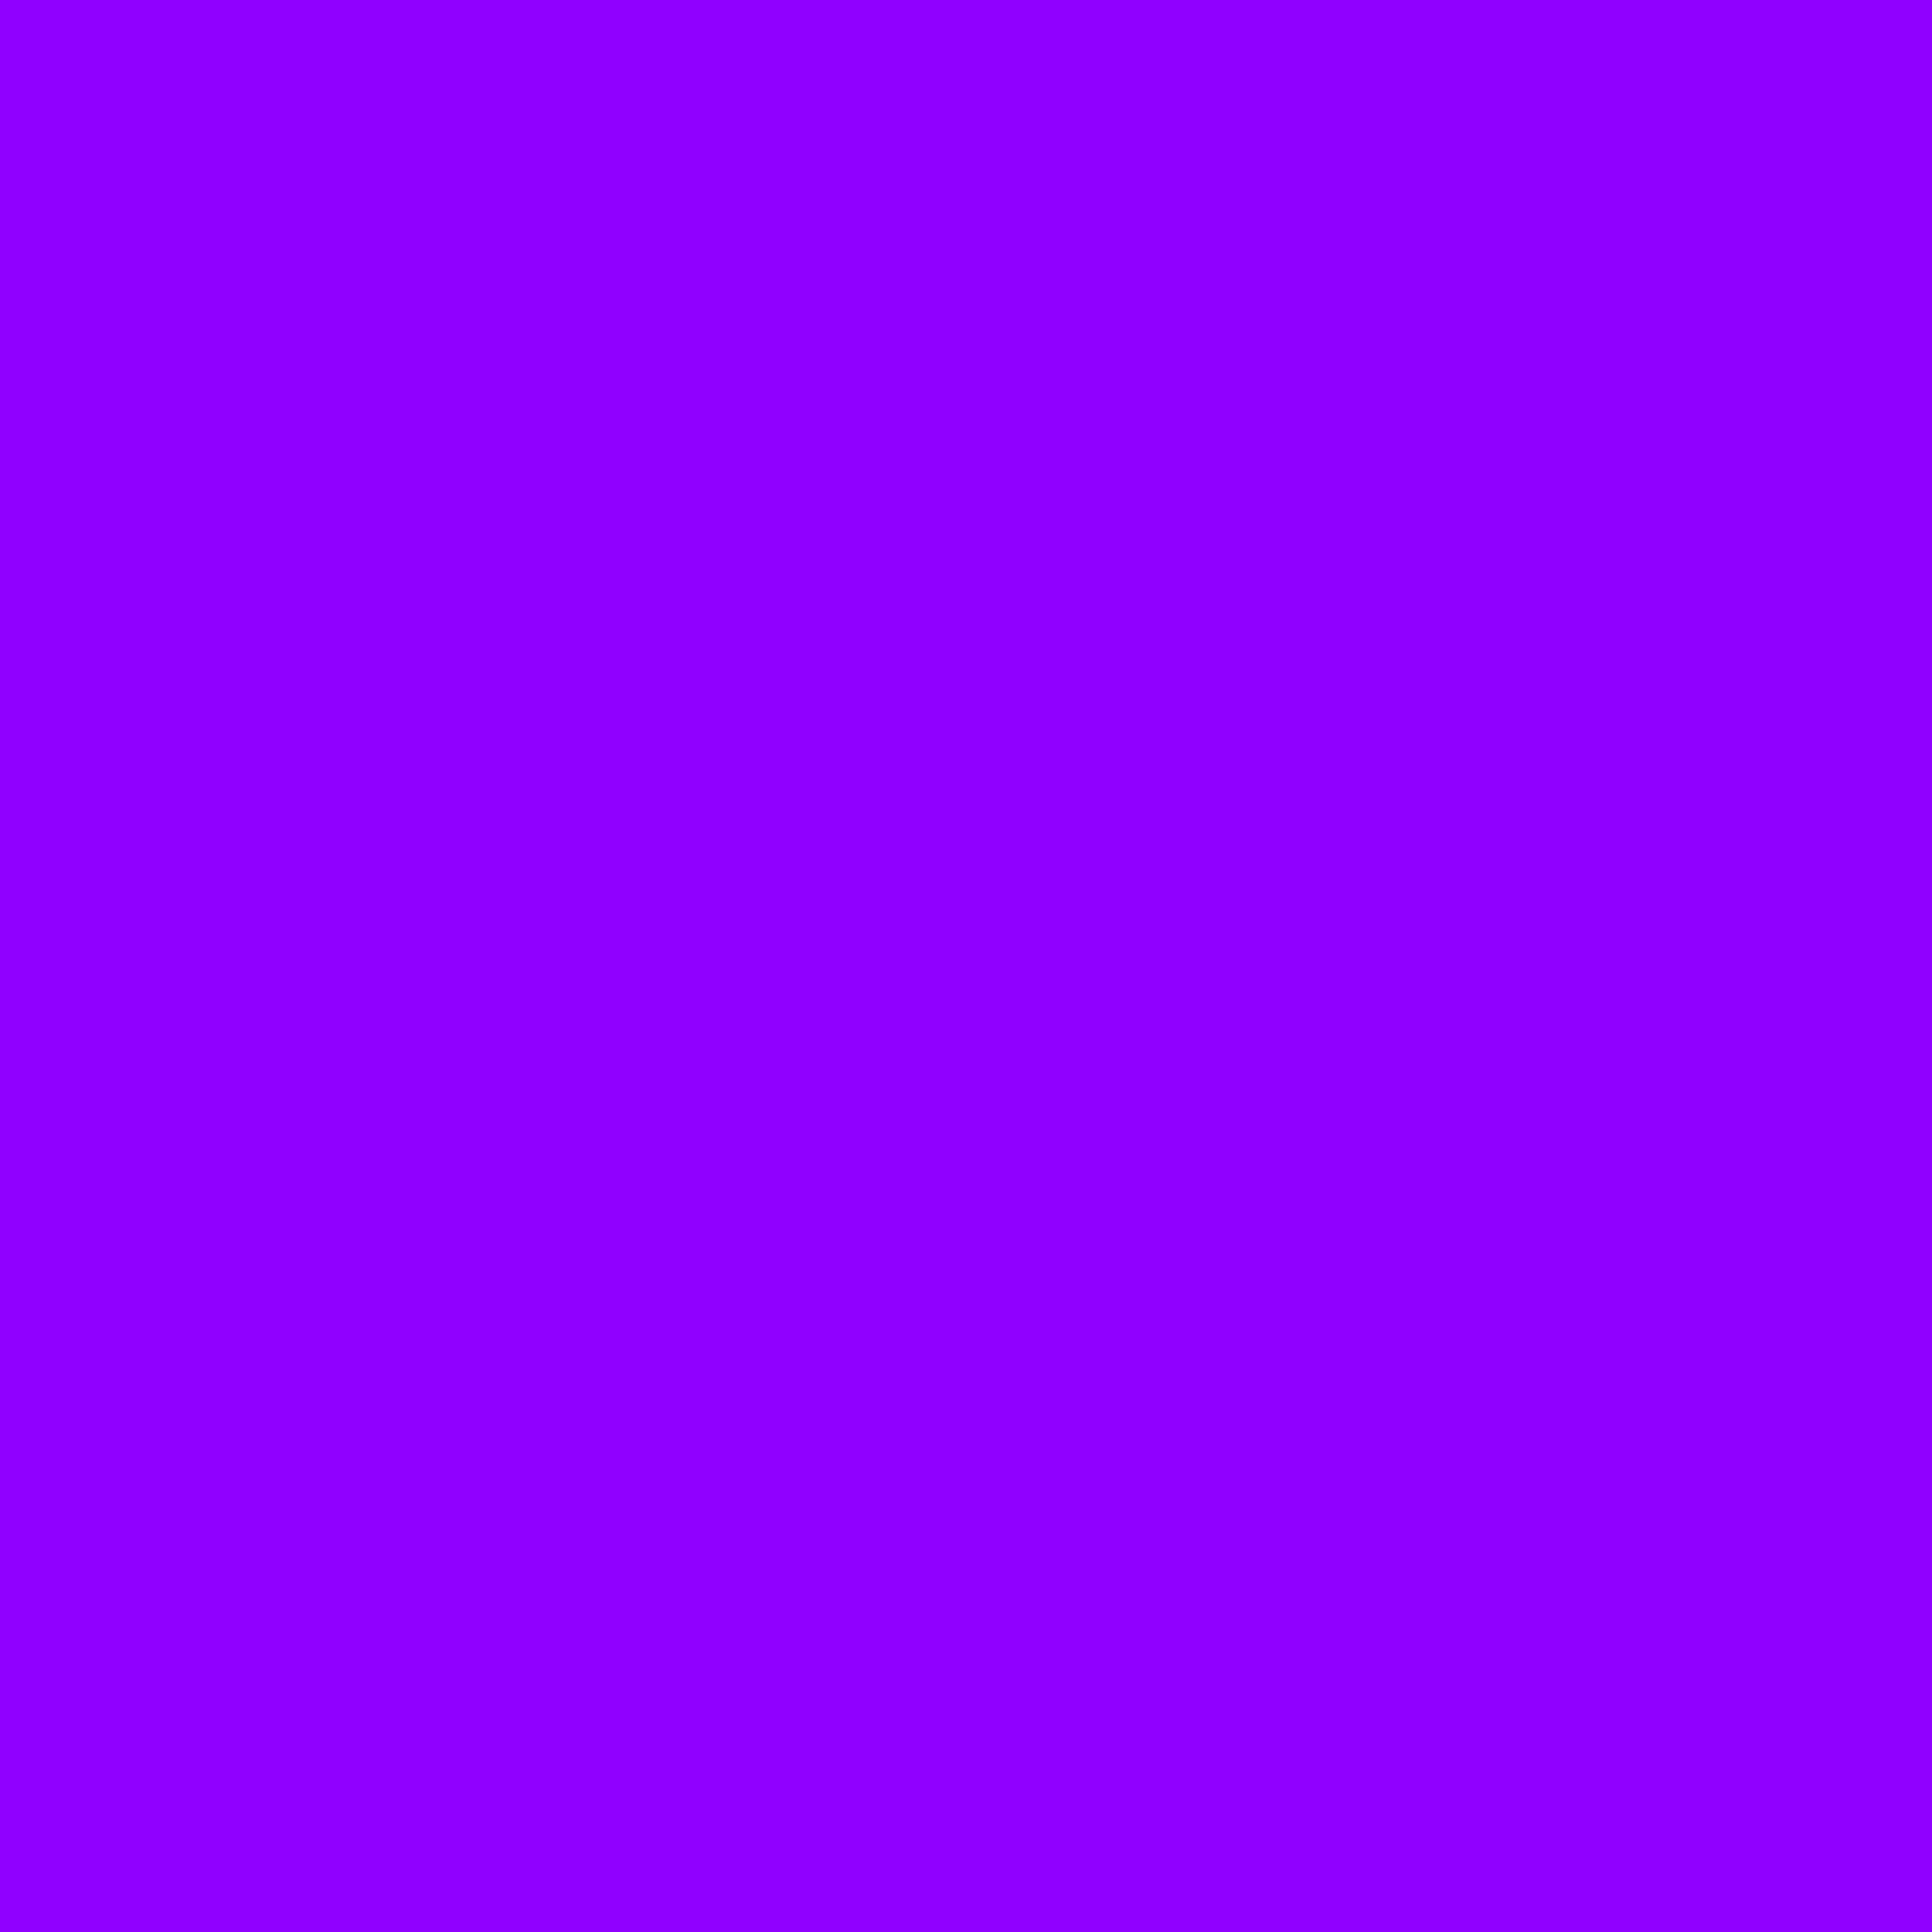 2732x2732 Violet Solid Color Background